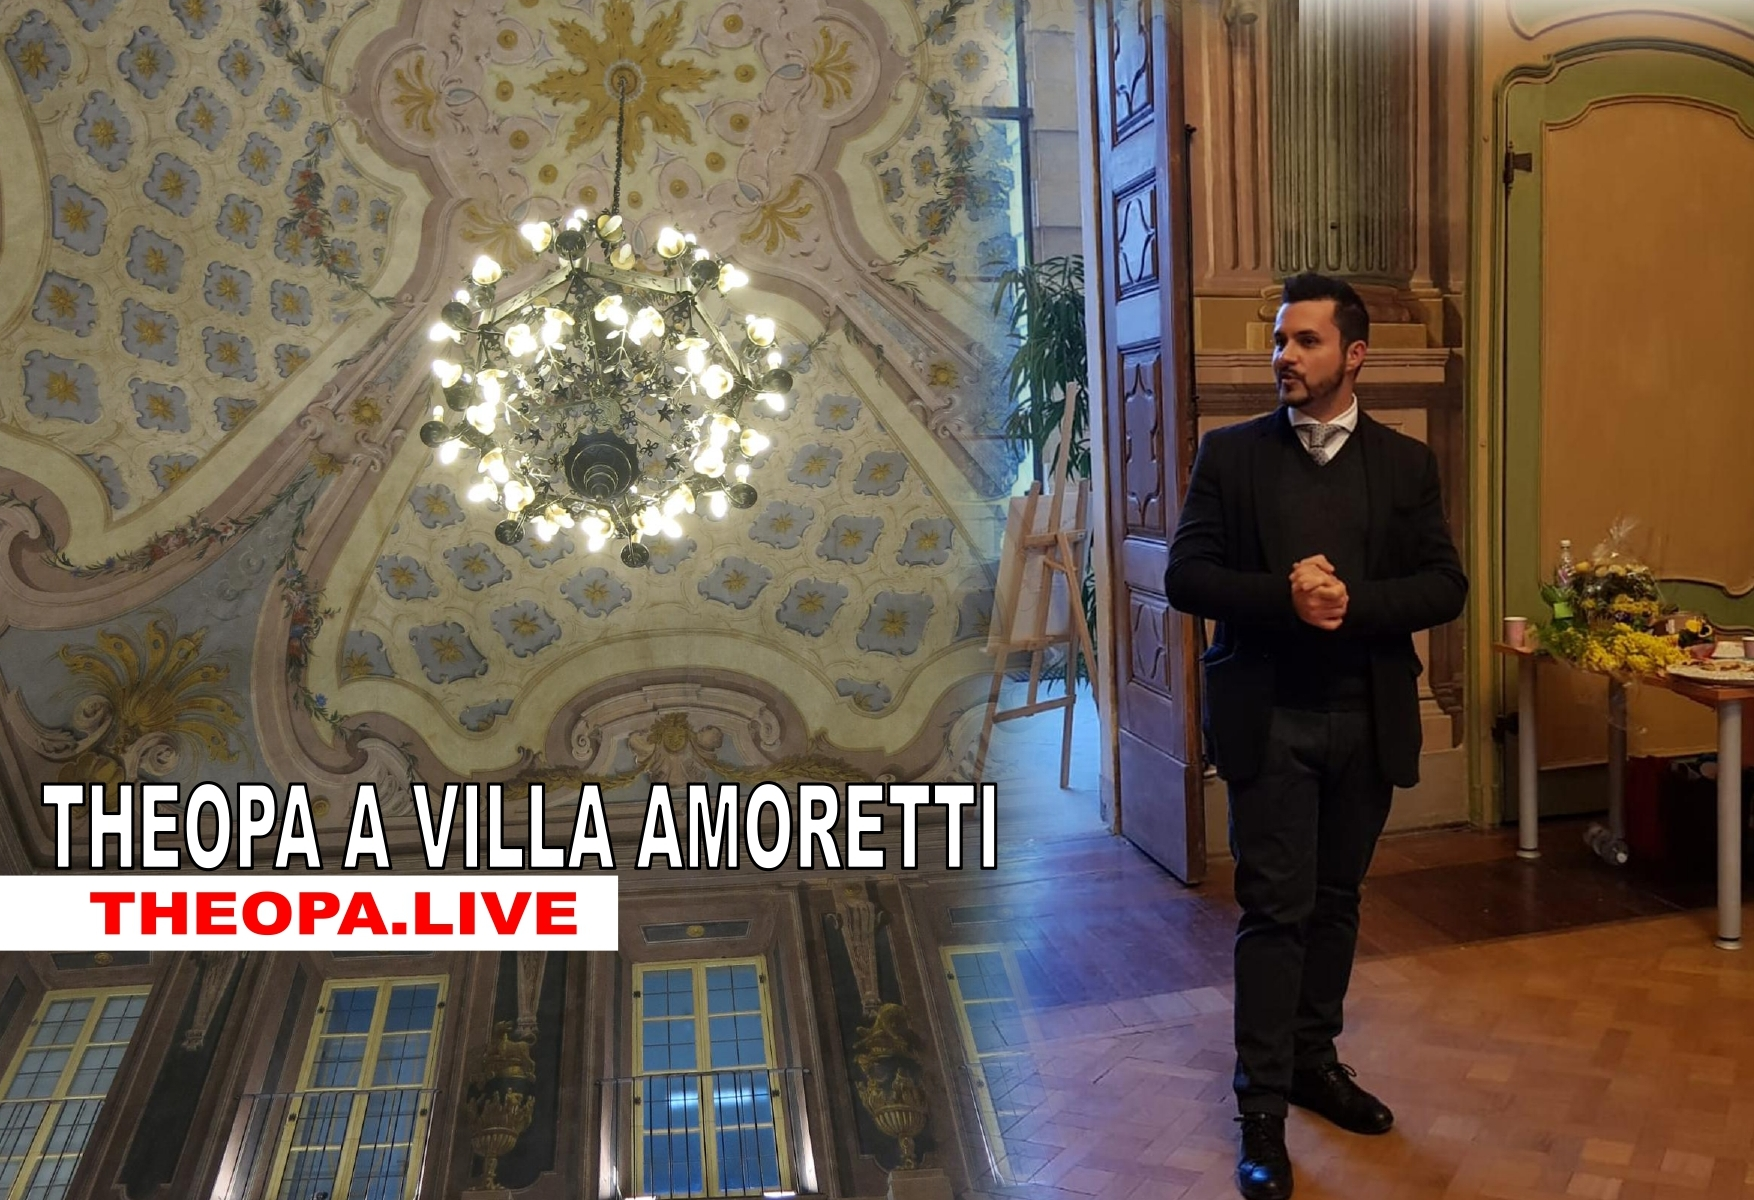 Theopa Di Matteo a Villa Amoretti